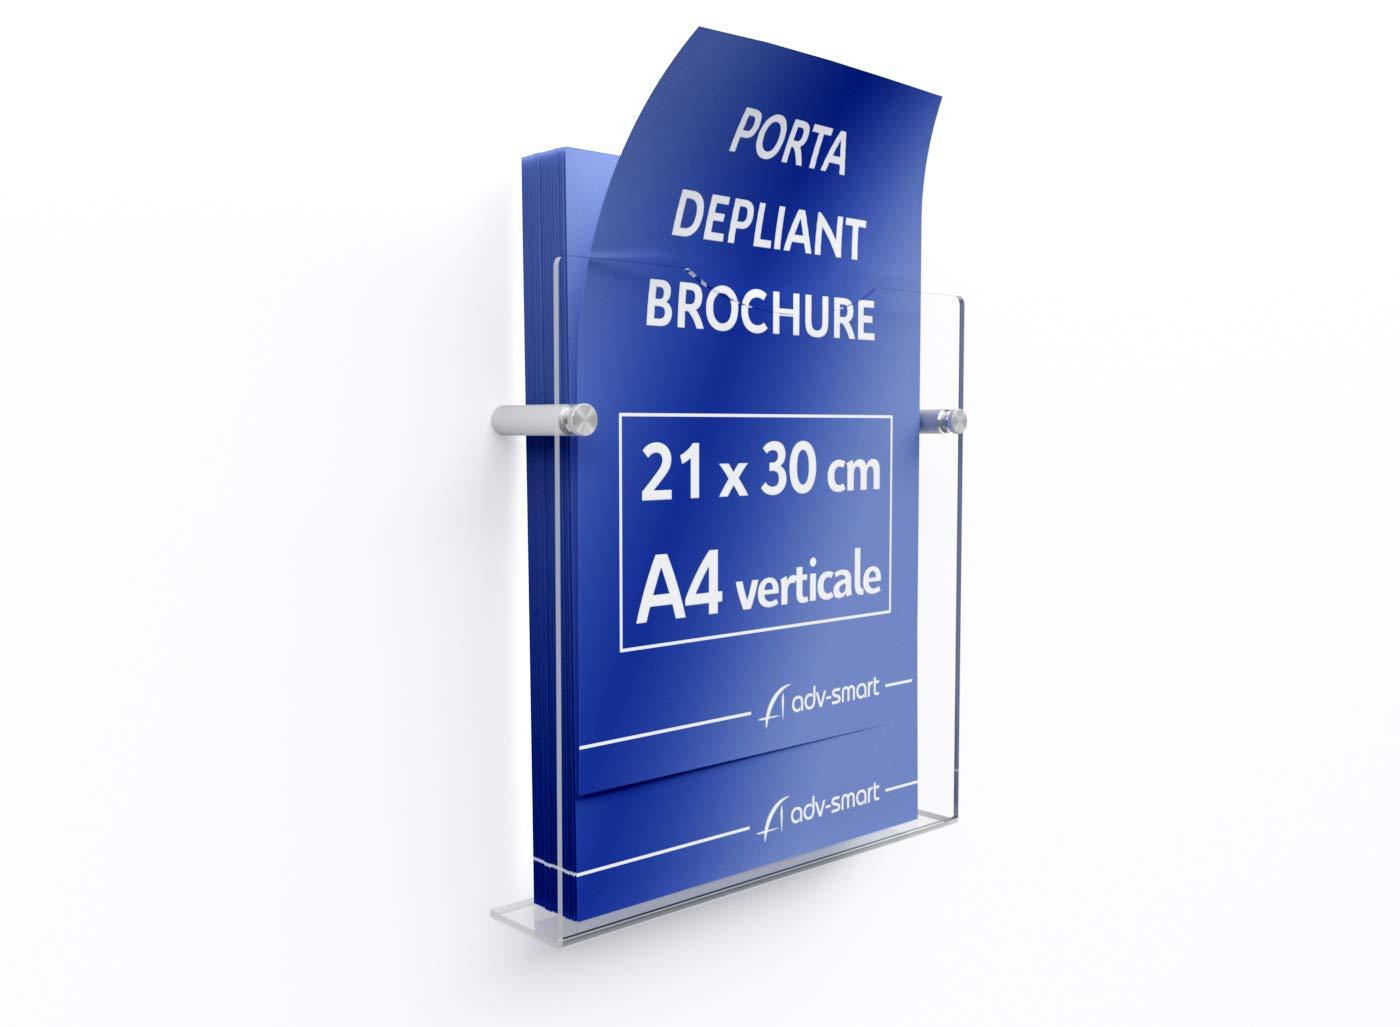 adv-smart Porta Depliant Brochure da parete A4 verticale 21x30 cm Espositore in Plexiglass con fissaggi in acciaio